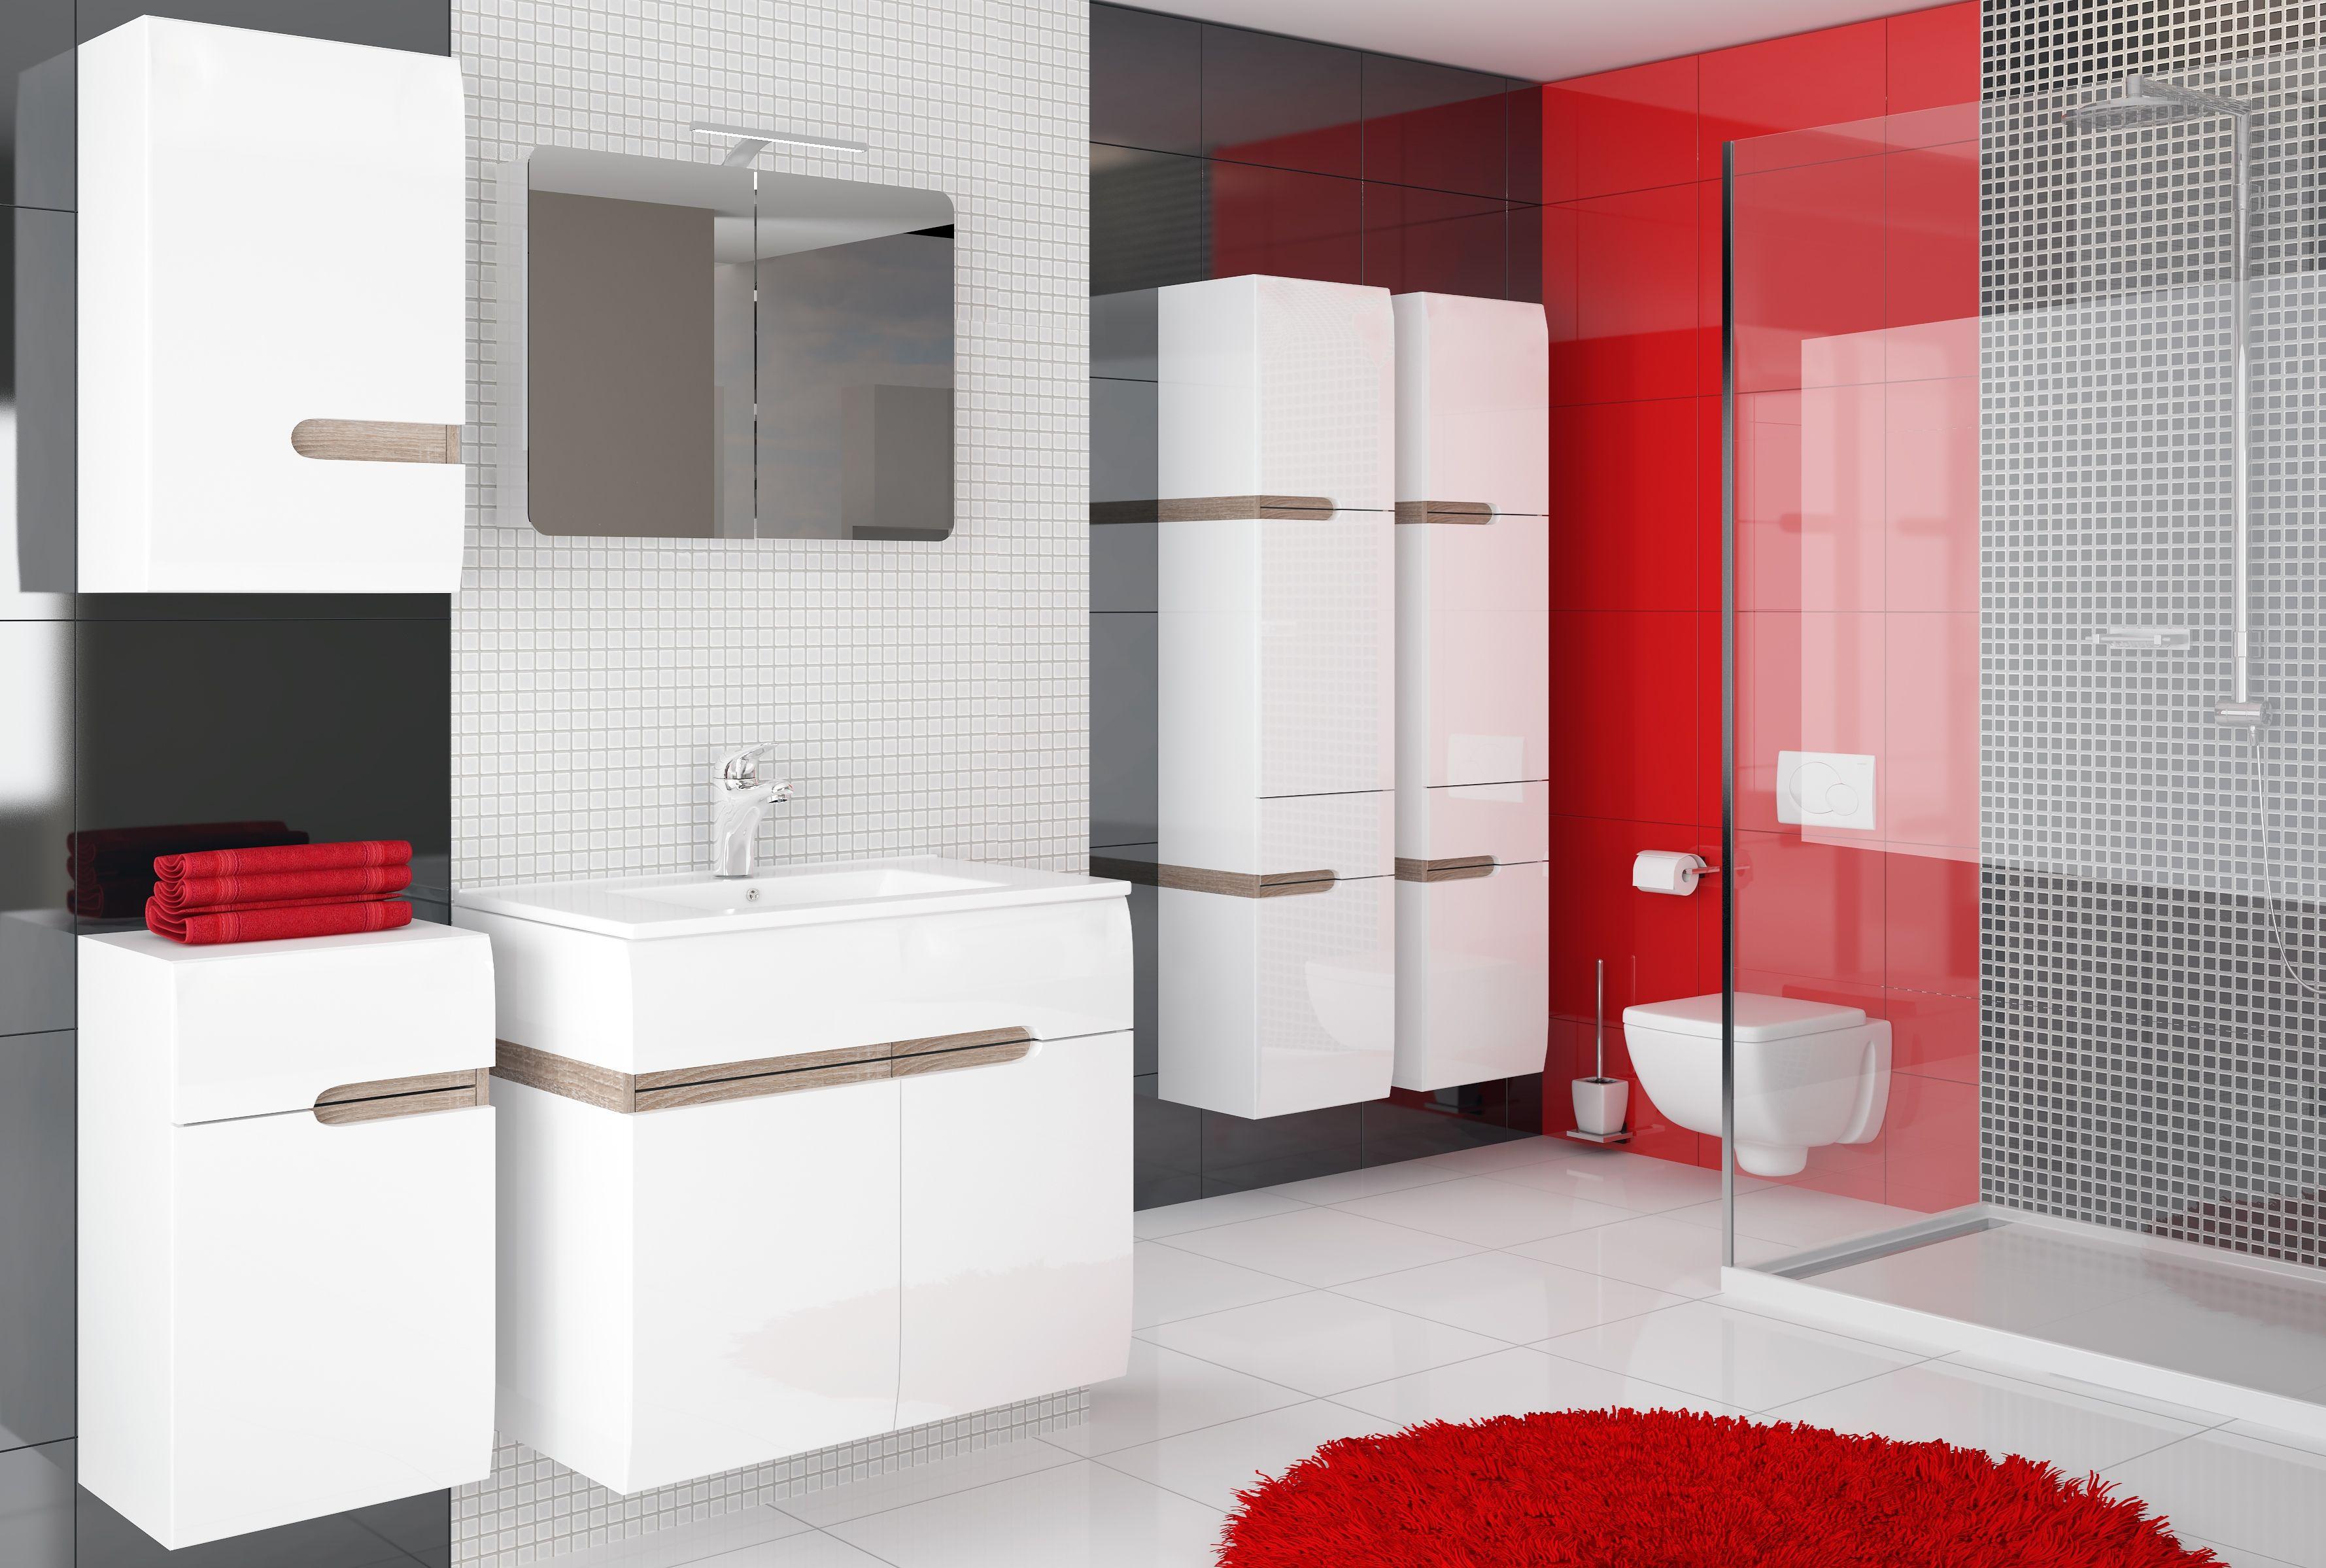 Moderní koupelna do 10 000 Kč